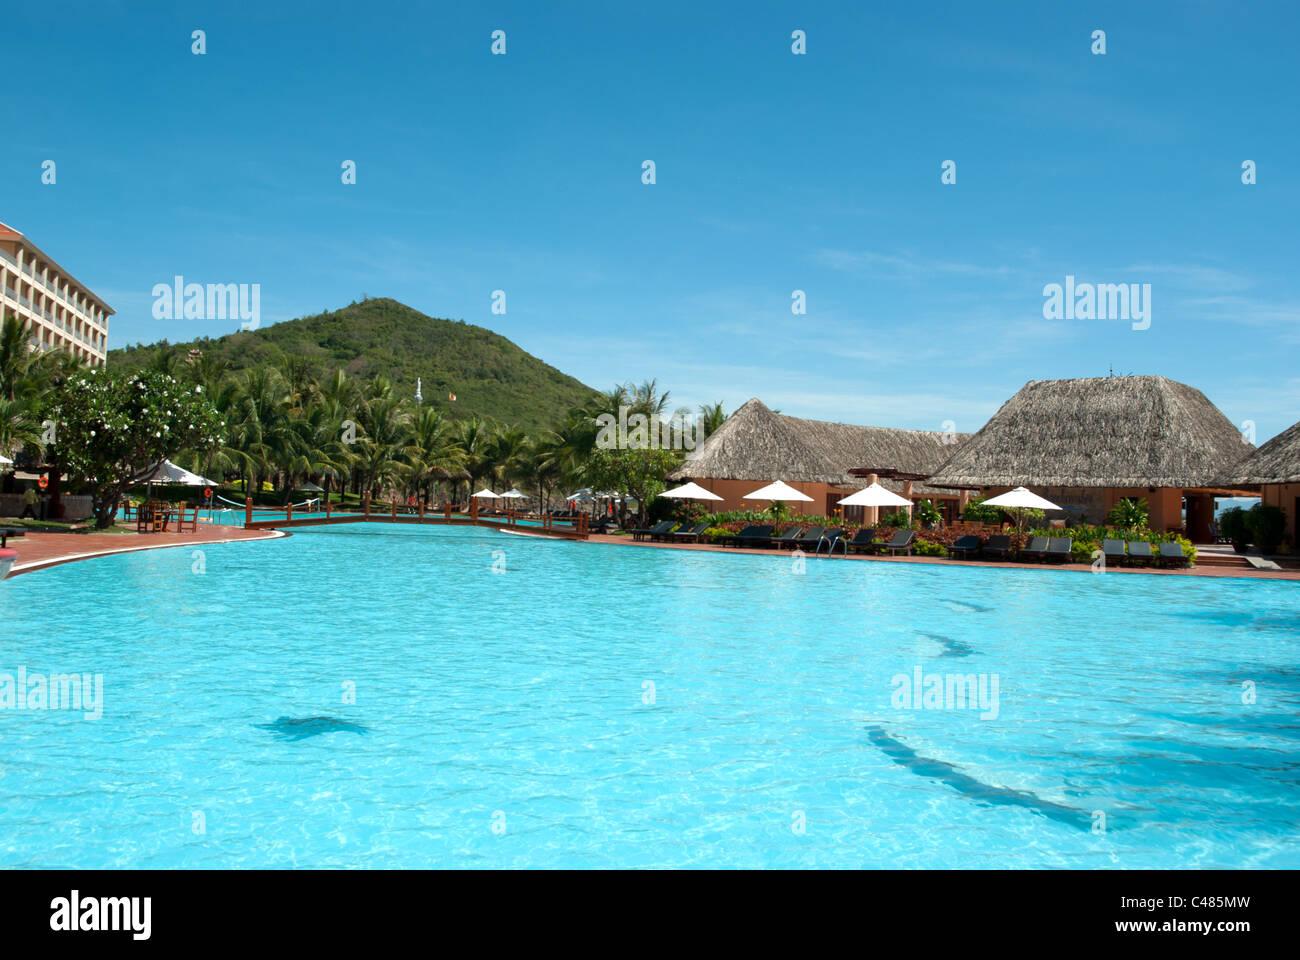 Swimming pool and straw hut at Vinpearl Nha Trang Vietnam - Stock Image